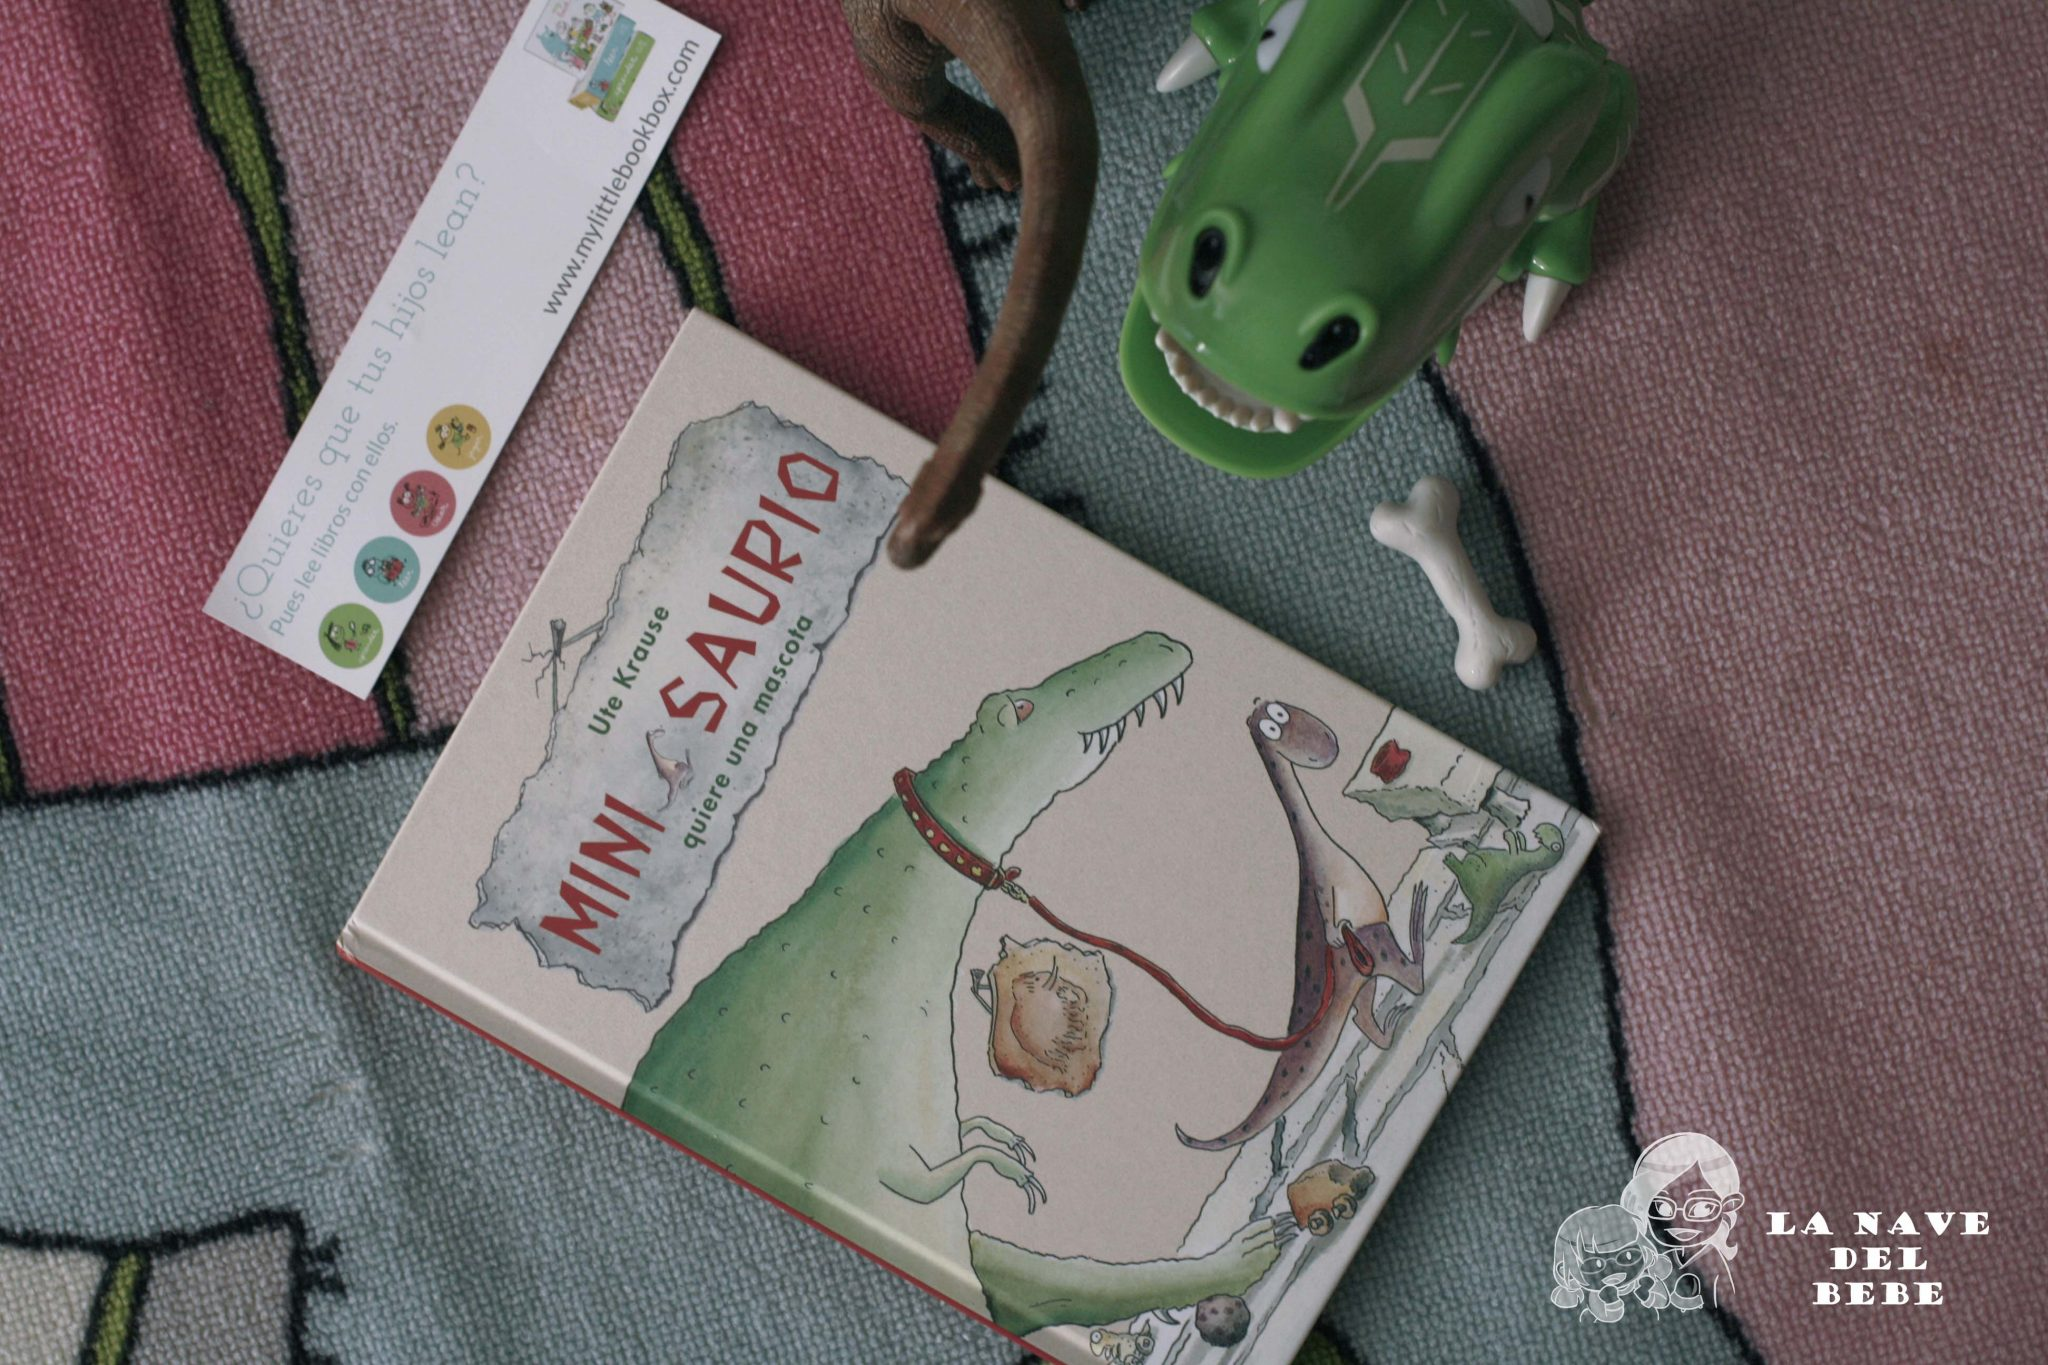 ibros-recomendados-4-anos-mini-saurio